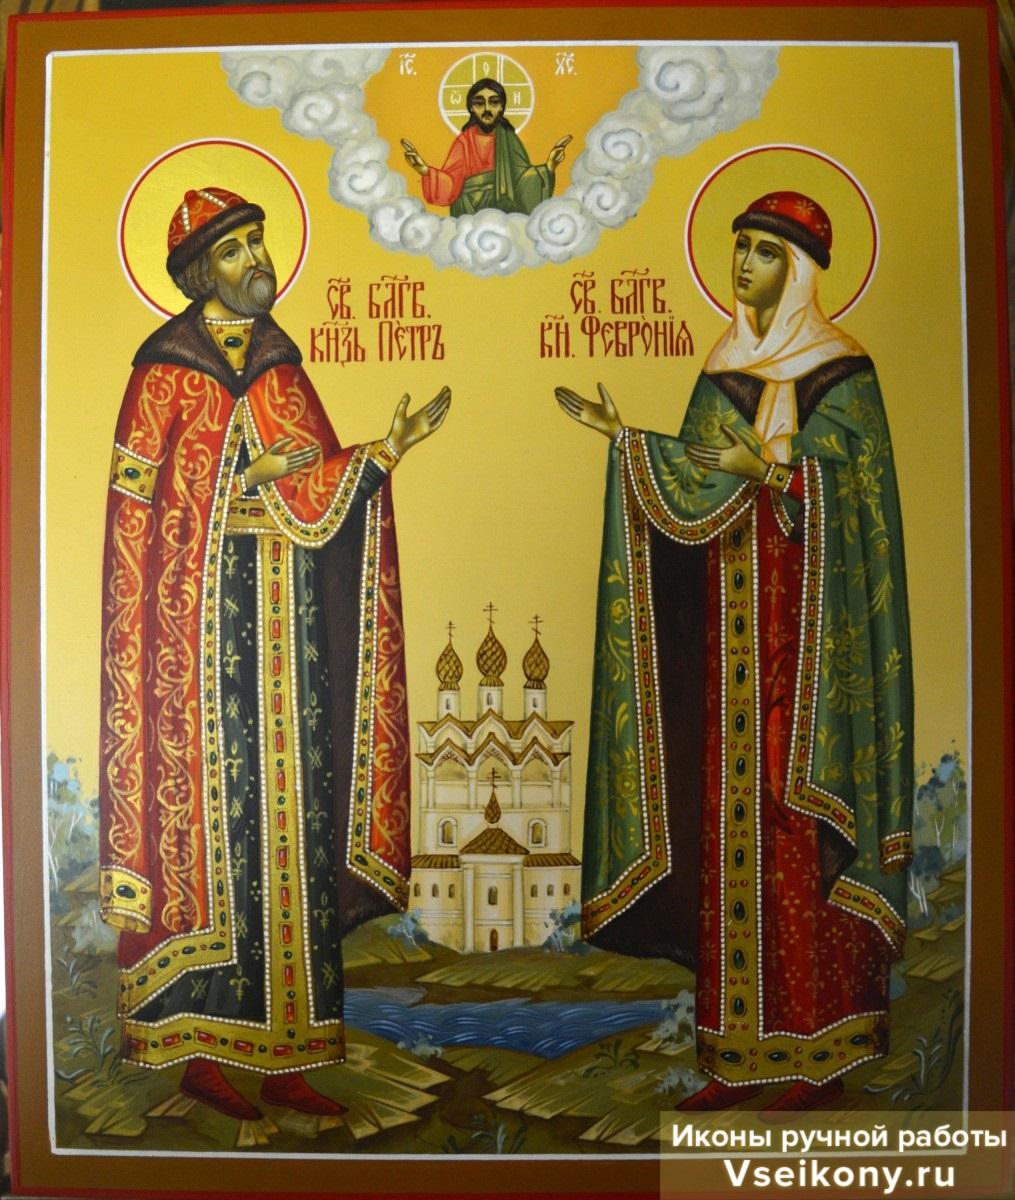 Петр и февронья блаженные давид и евфросиния (монашеские имена петра и феврон